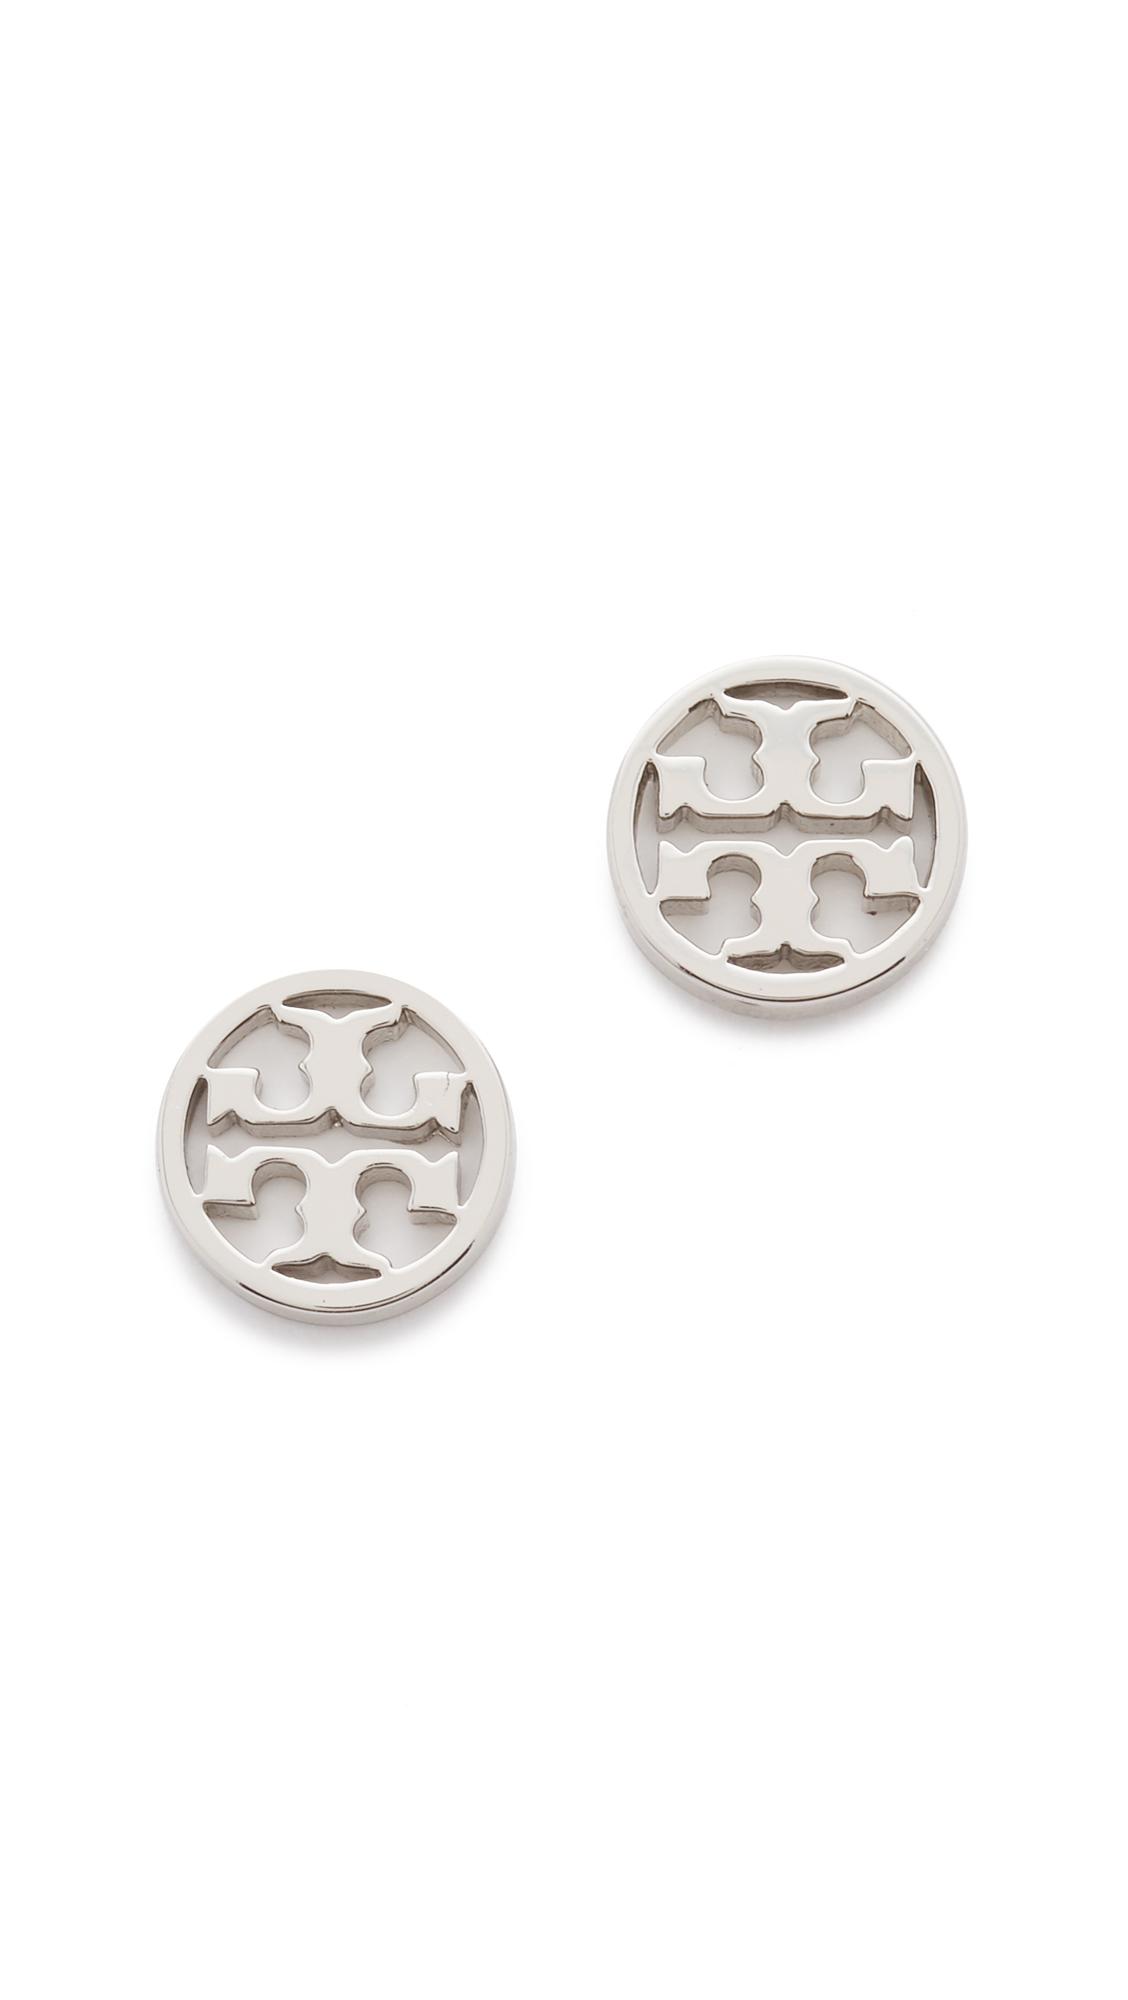 토리버치 로고 귀걸이 Tory Burch Logo Circle Stud Earrings, Tory Silver